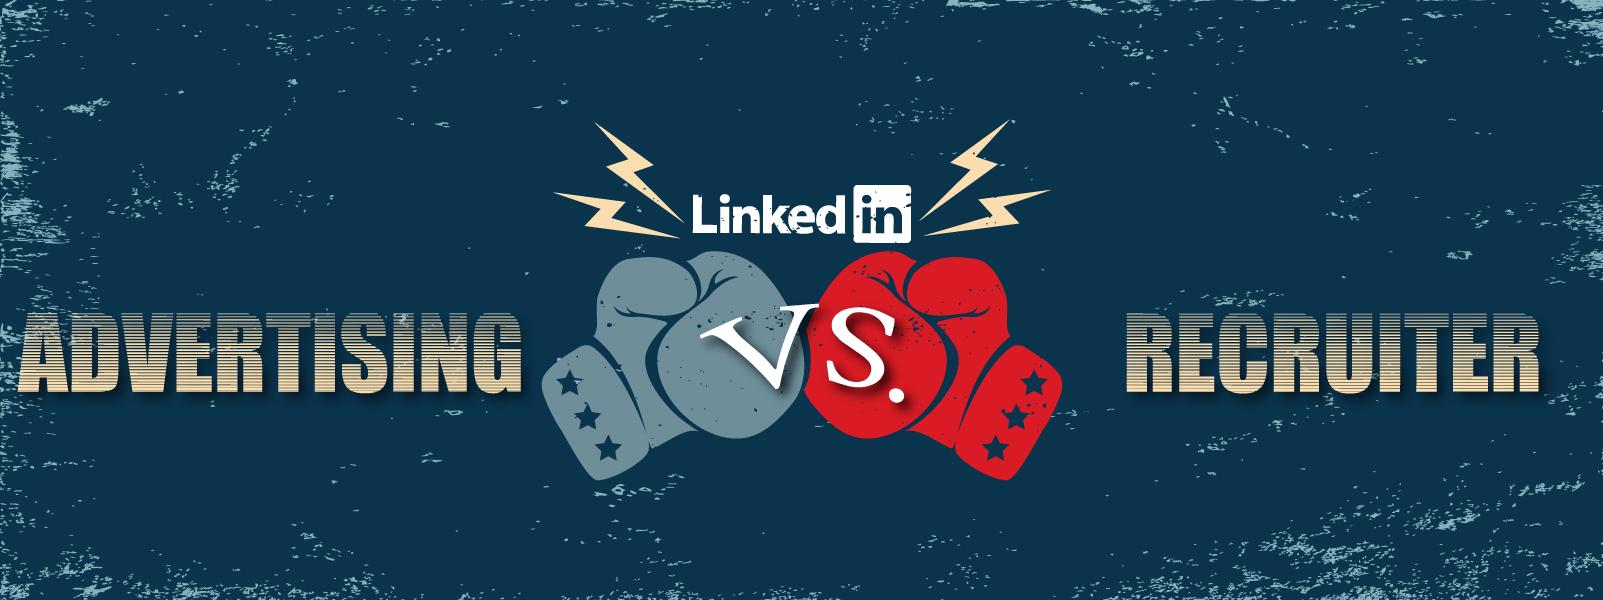 LinkedIn Advertising vs LinkedIn Recruiter: Which Is Best for B2B?